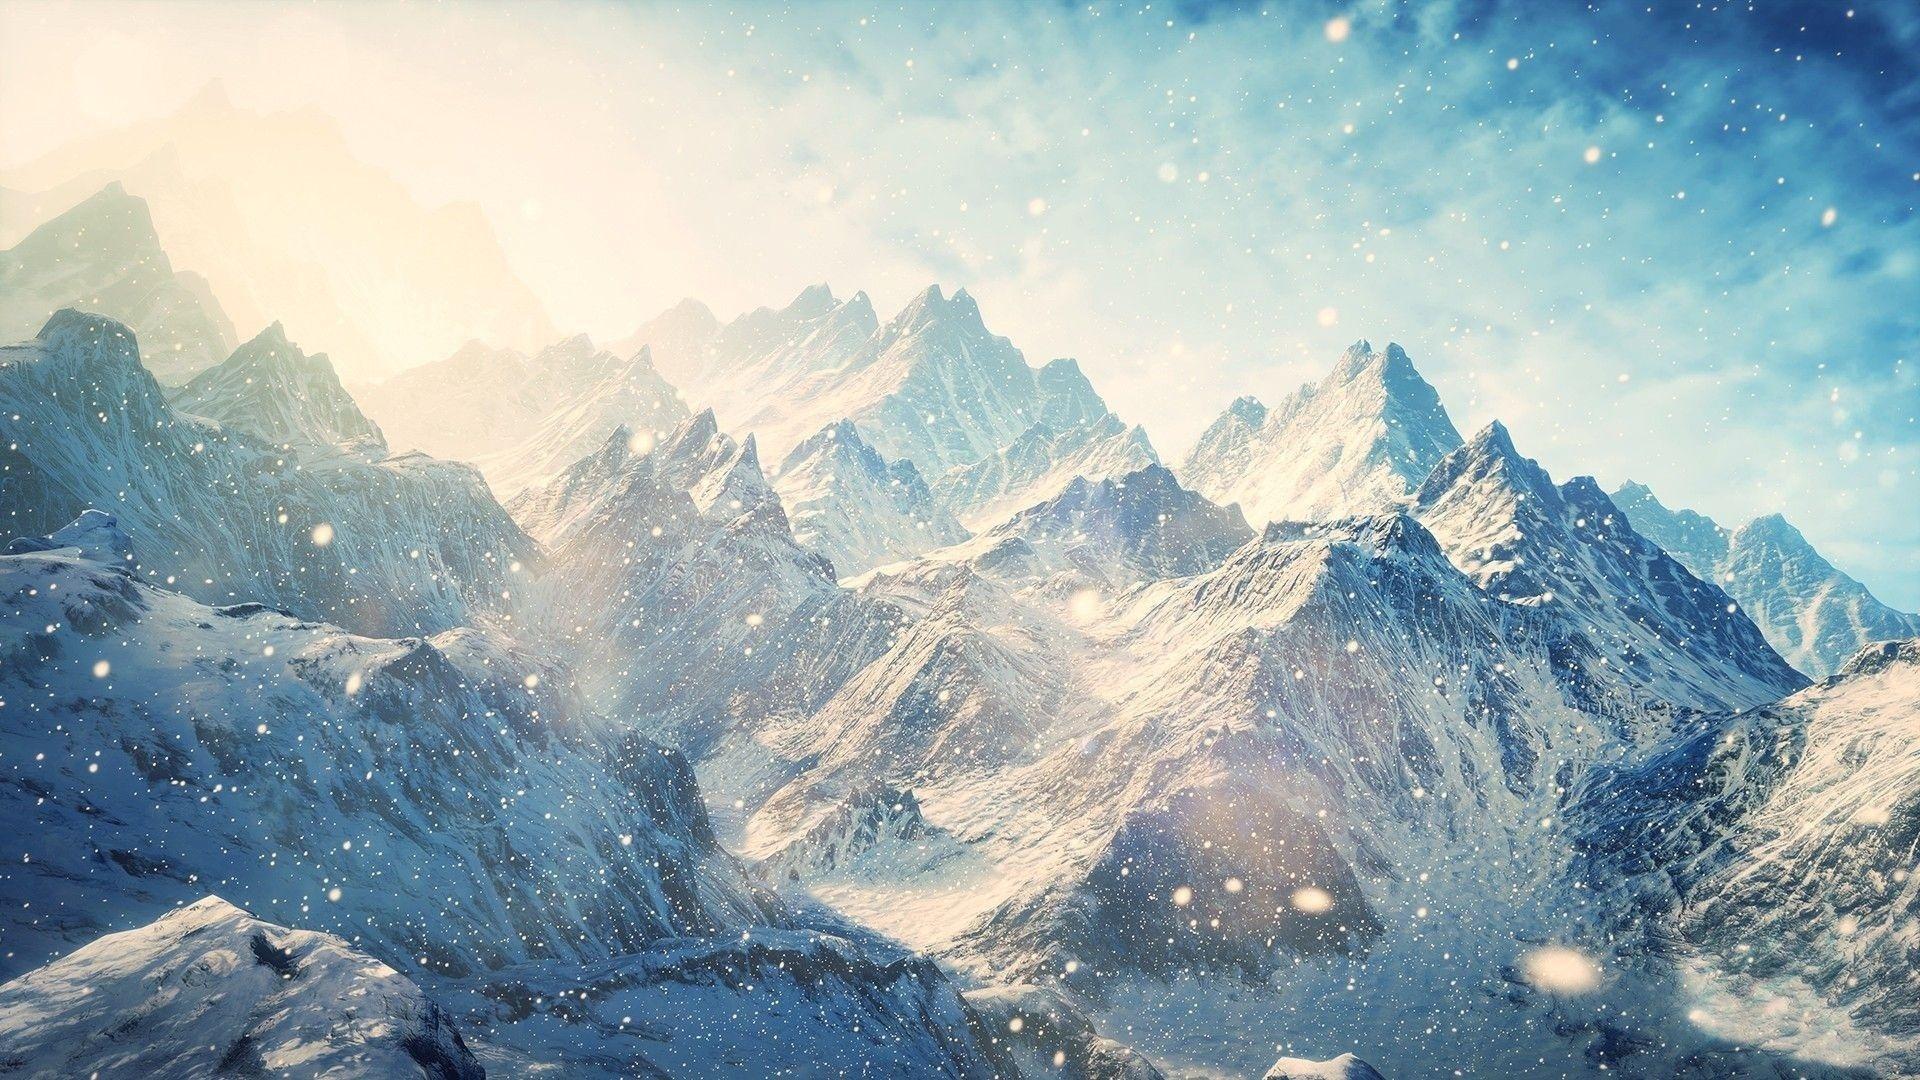 Картинка горы фон